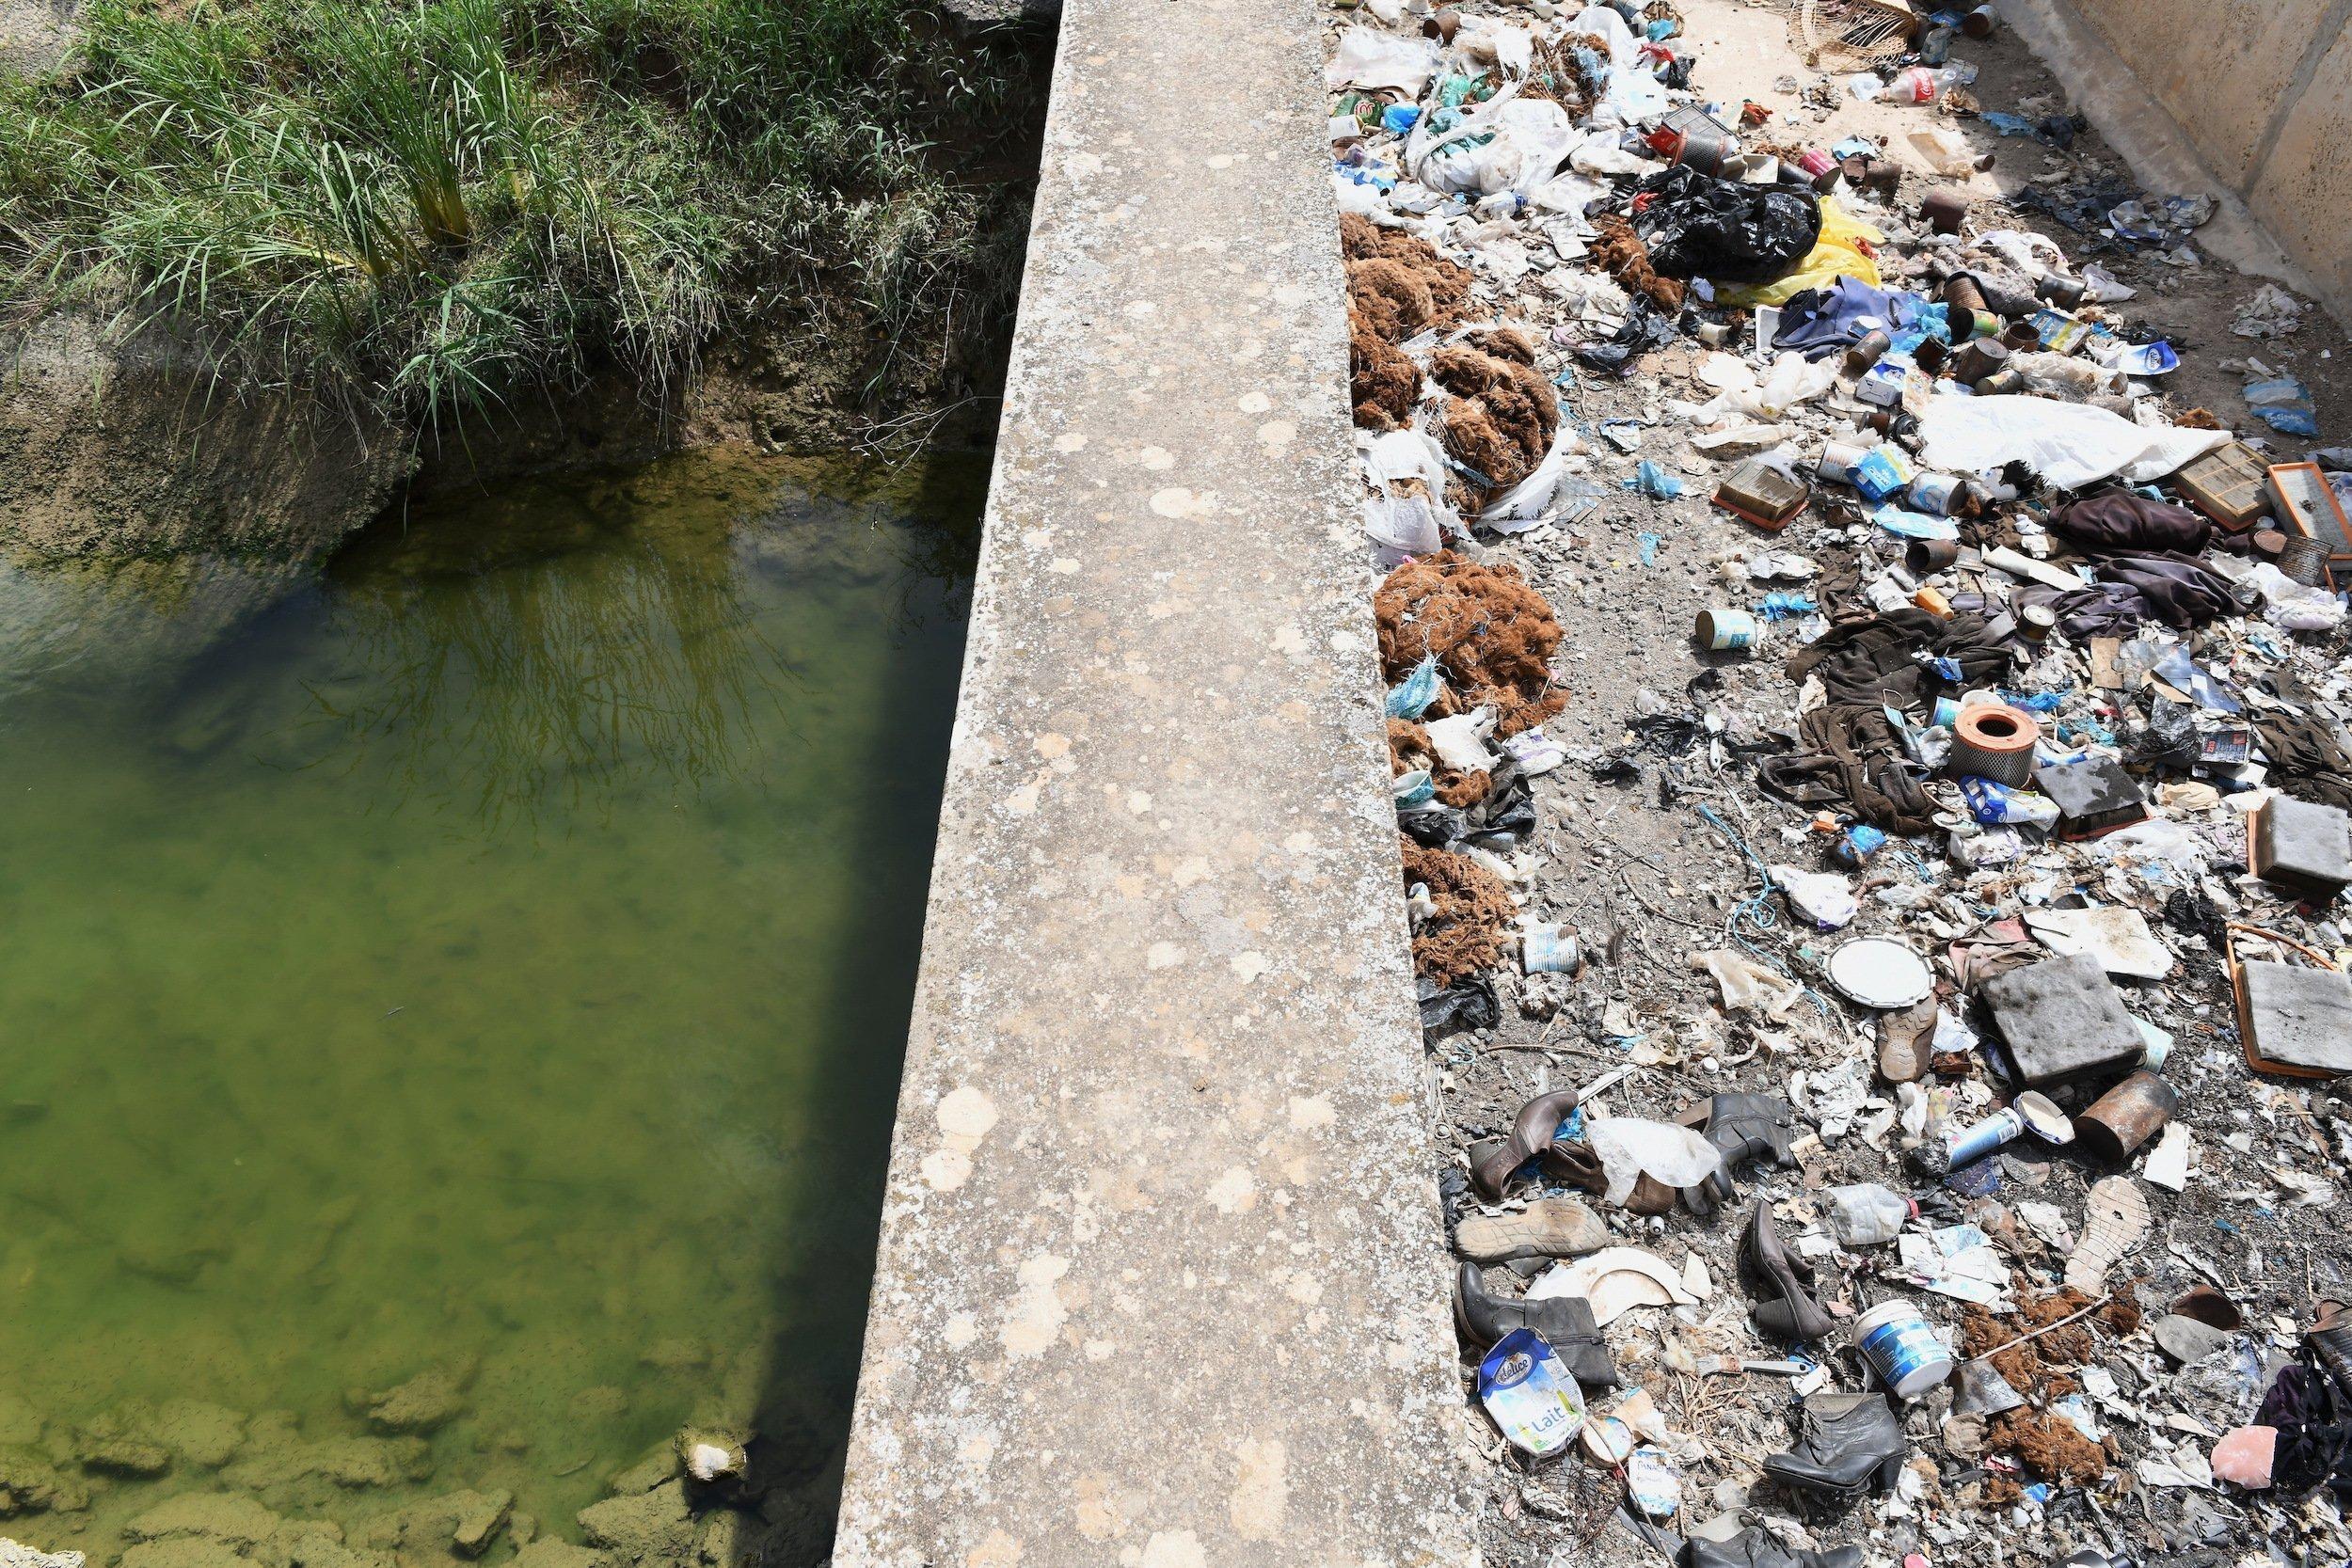 Trübes Wasser in einem Kanal, über den eine mit Müll überfüllte Brücke führt